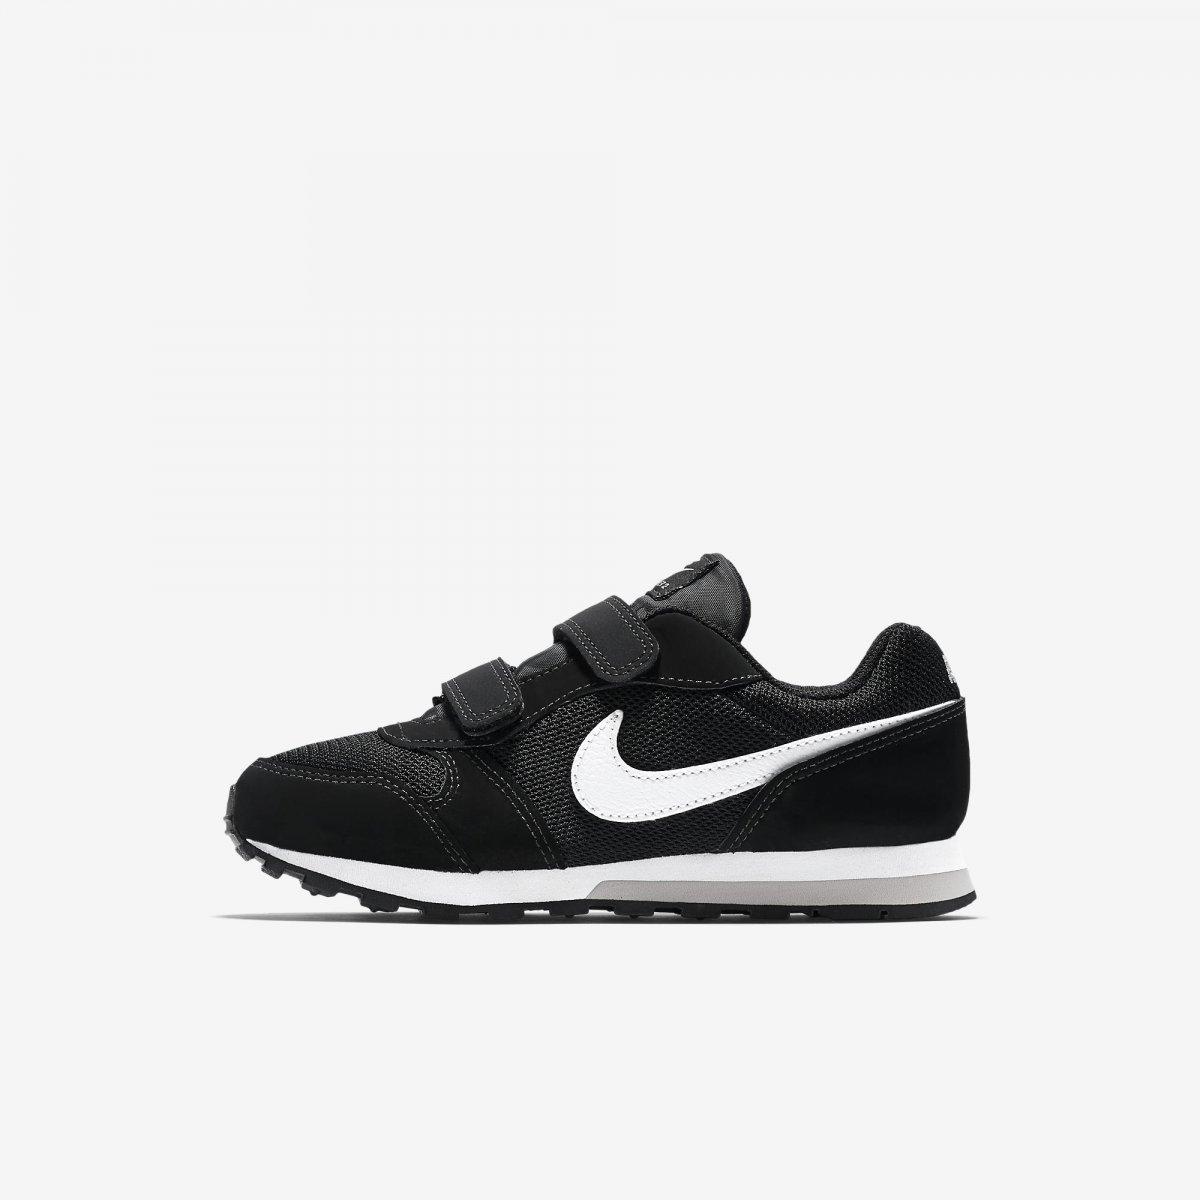 6d5e42dcd Bizz Store - Tênis Infantil Menino Nike MD Runner 2 Corrida